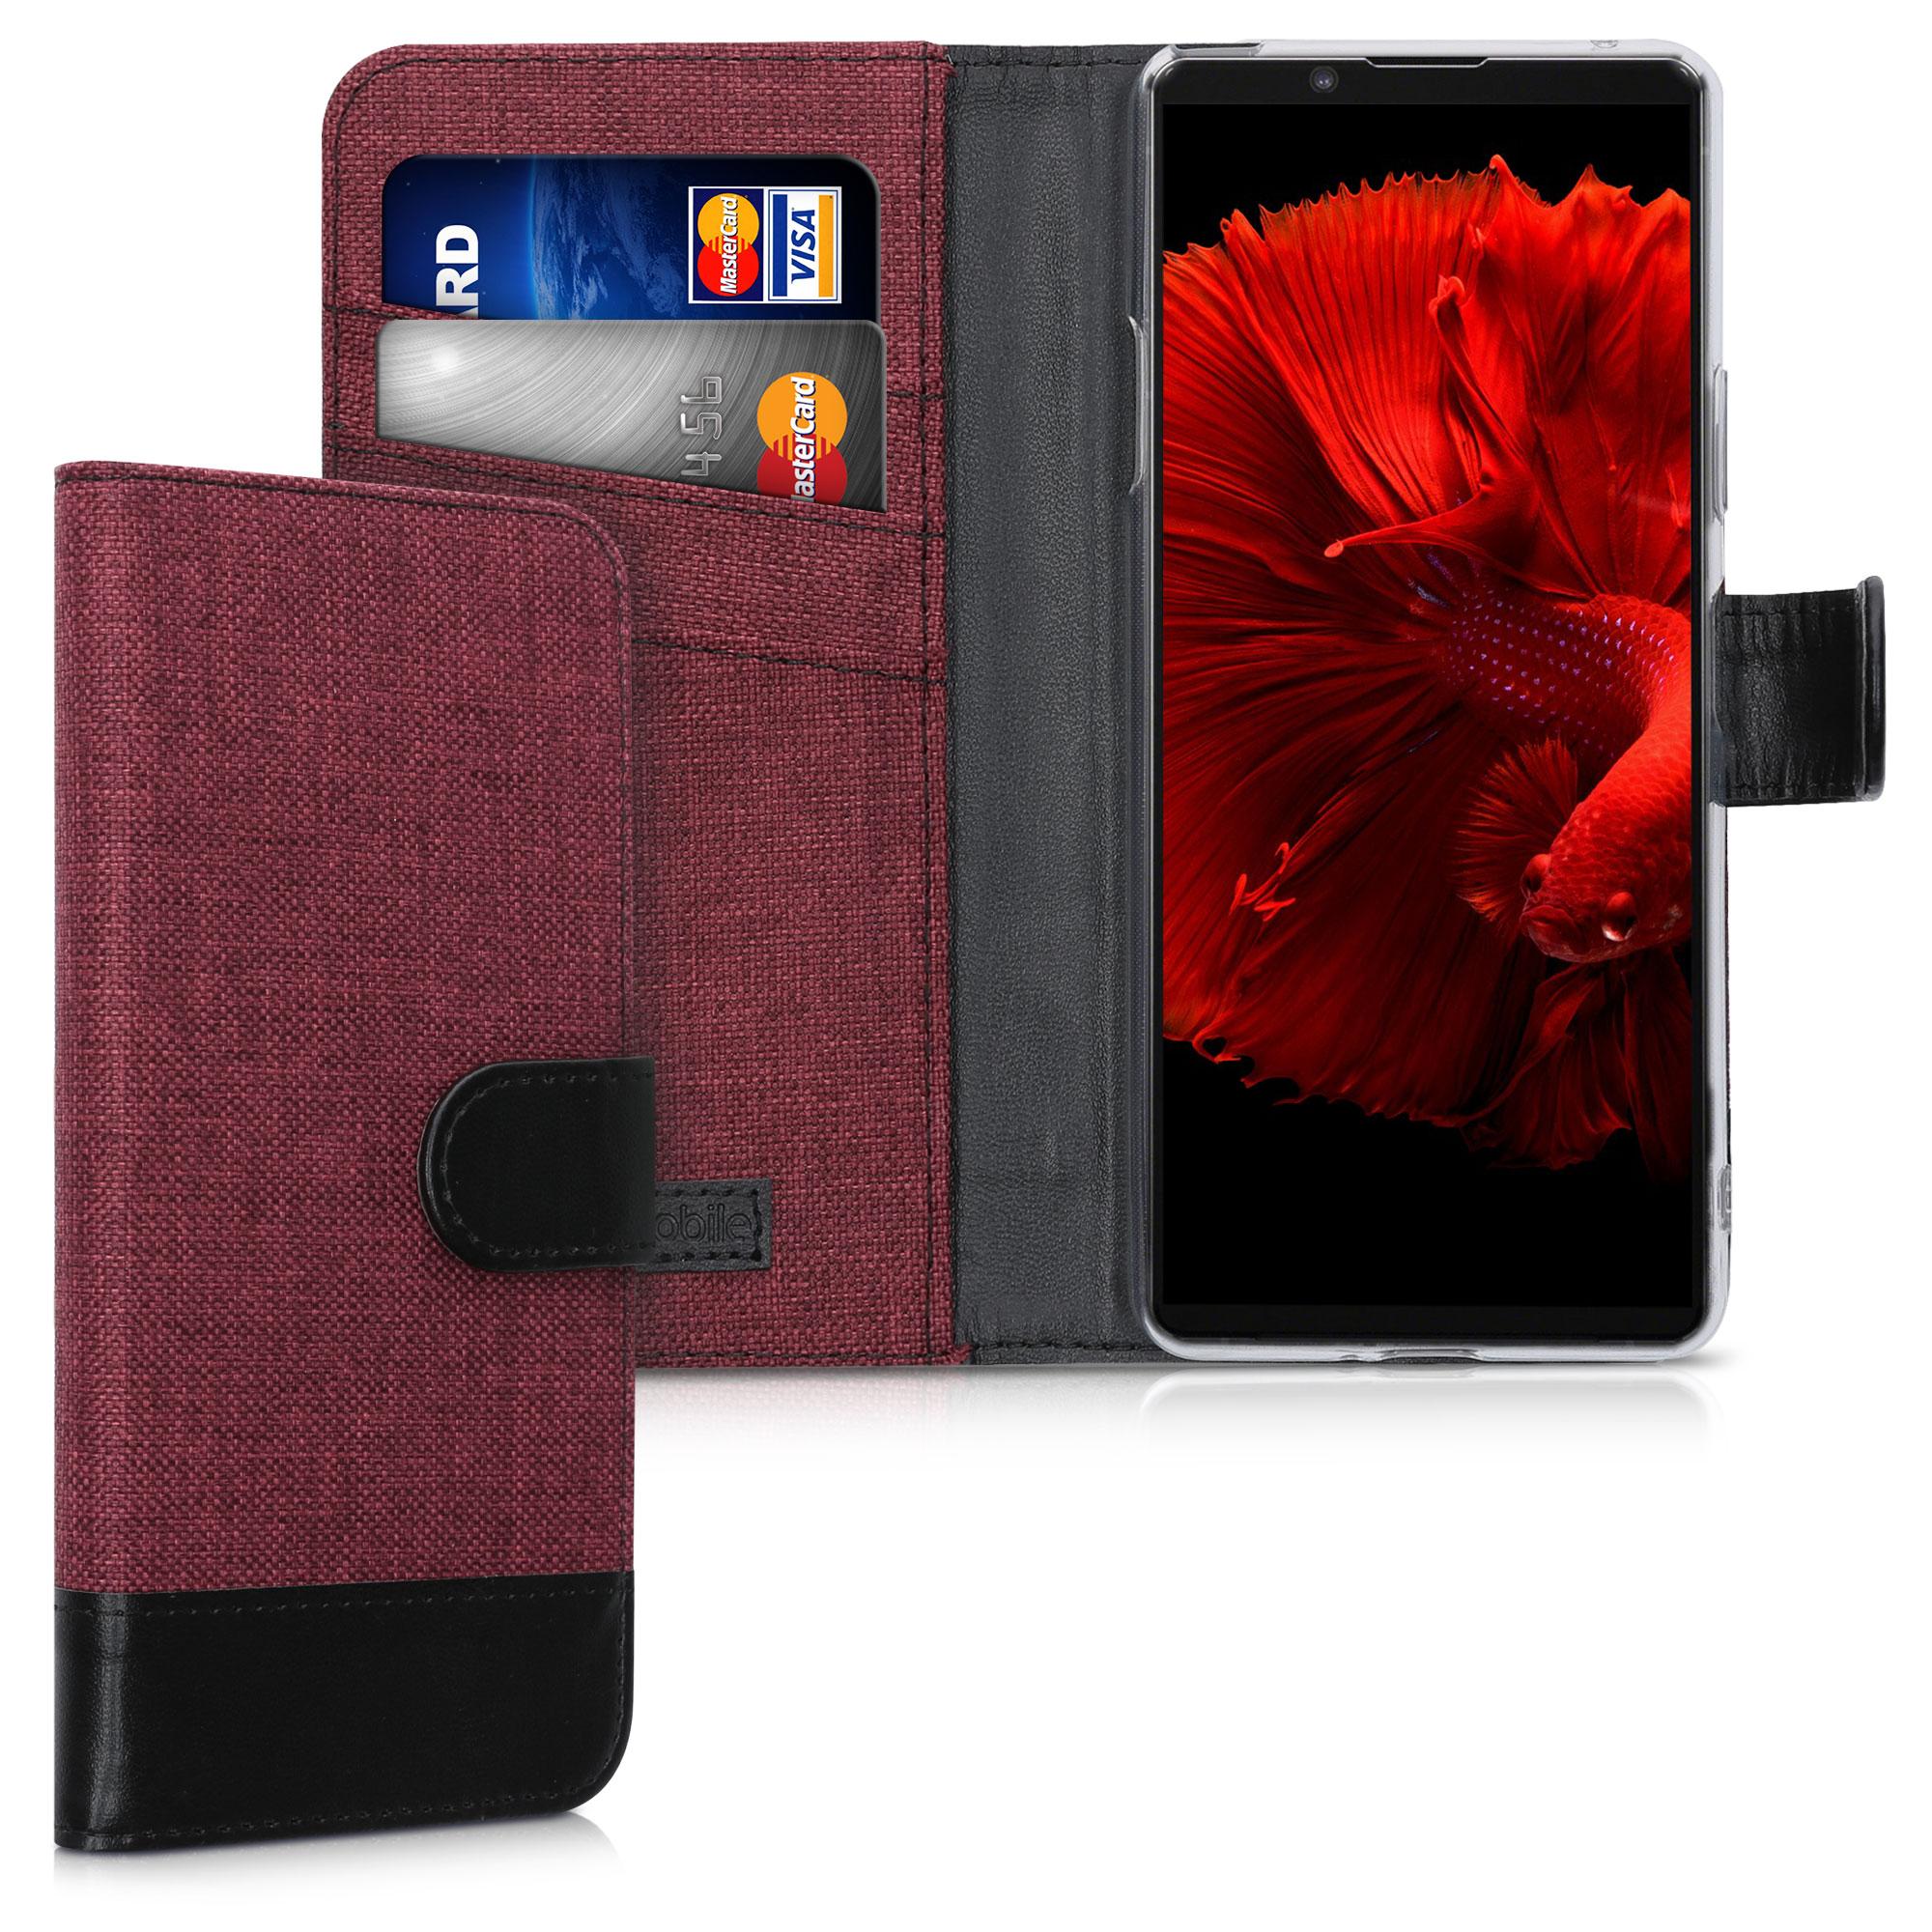 Textilní látkové pouzdro | obal pro Sony Xperia 10 II - tmavé červené / černé